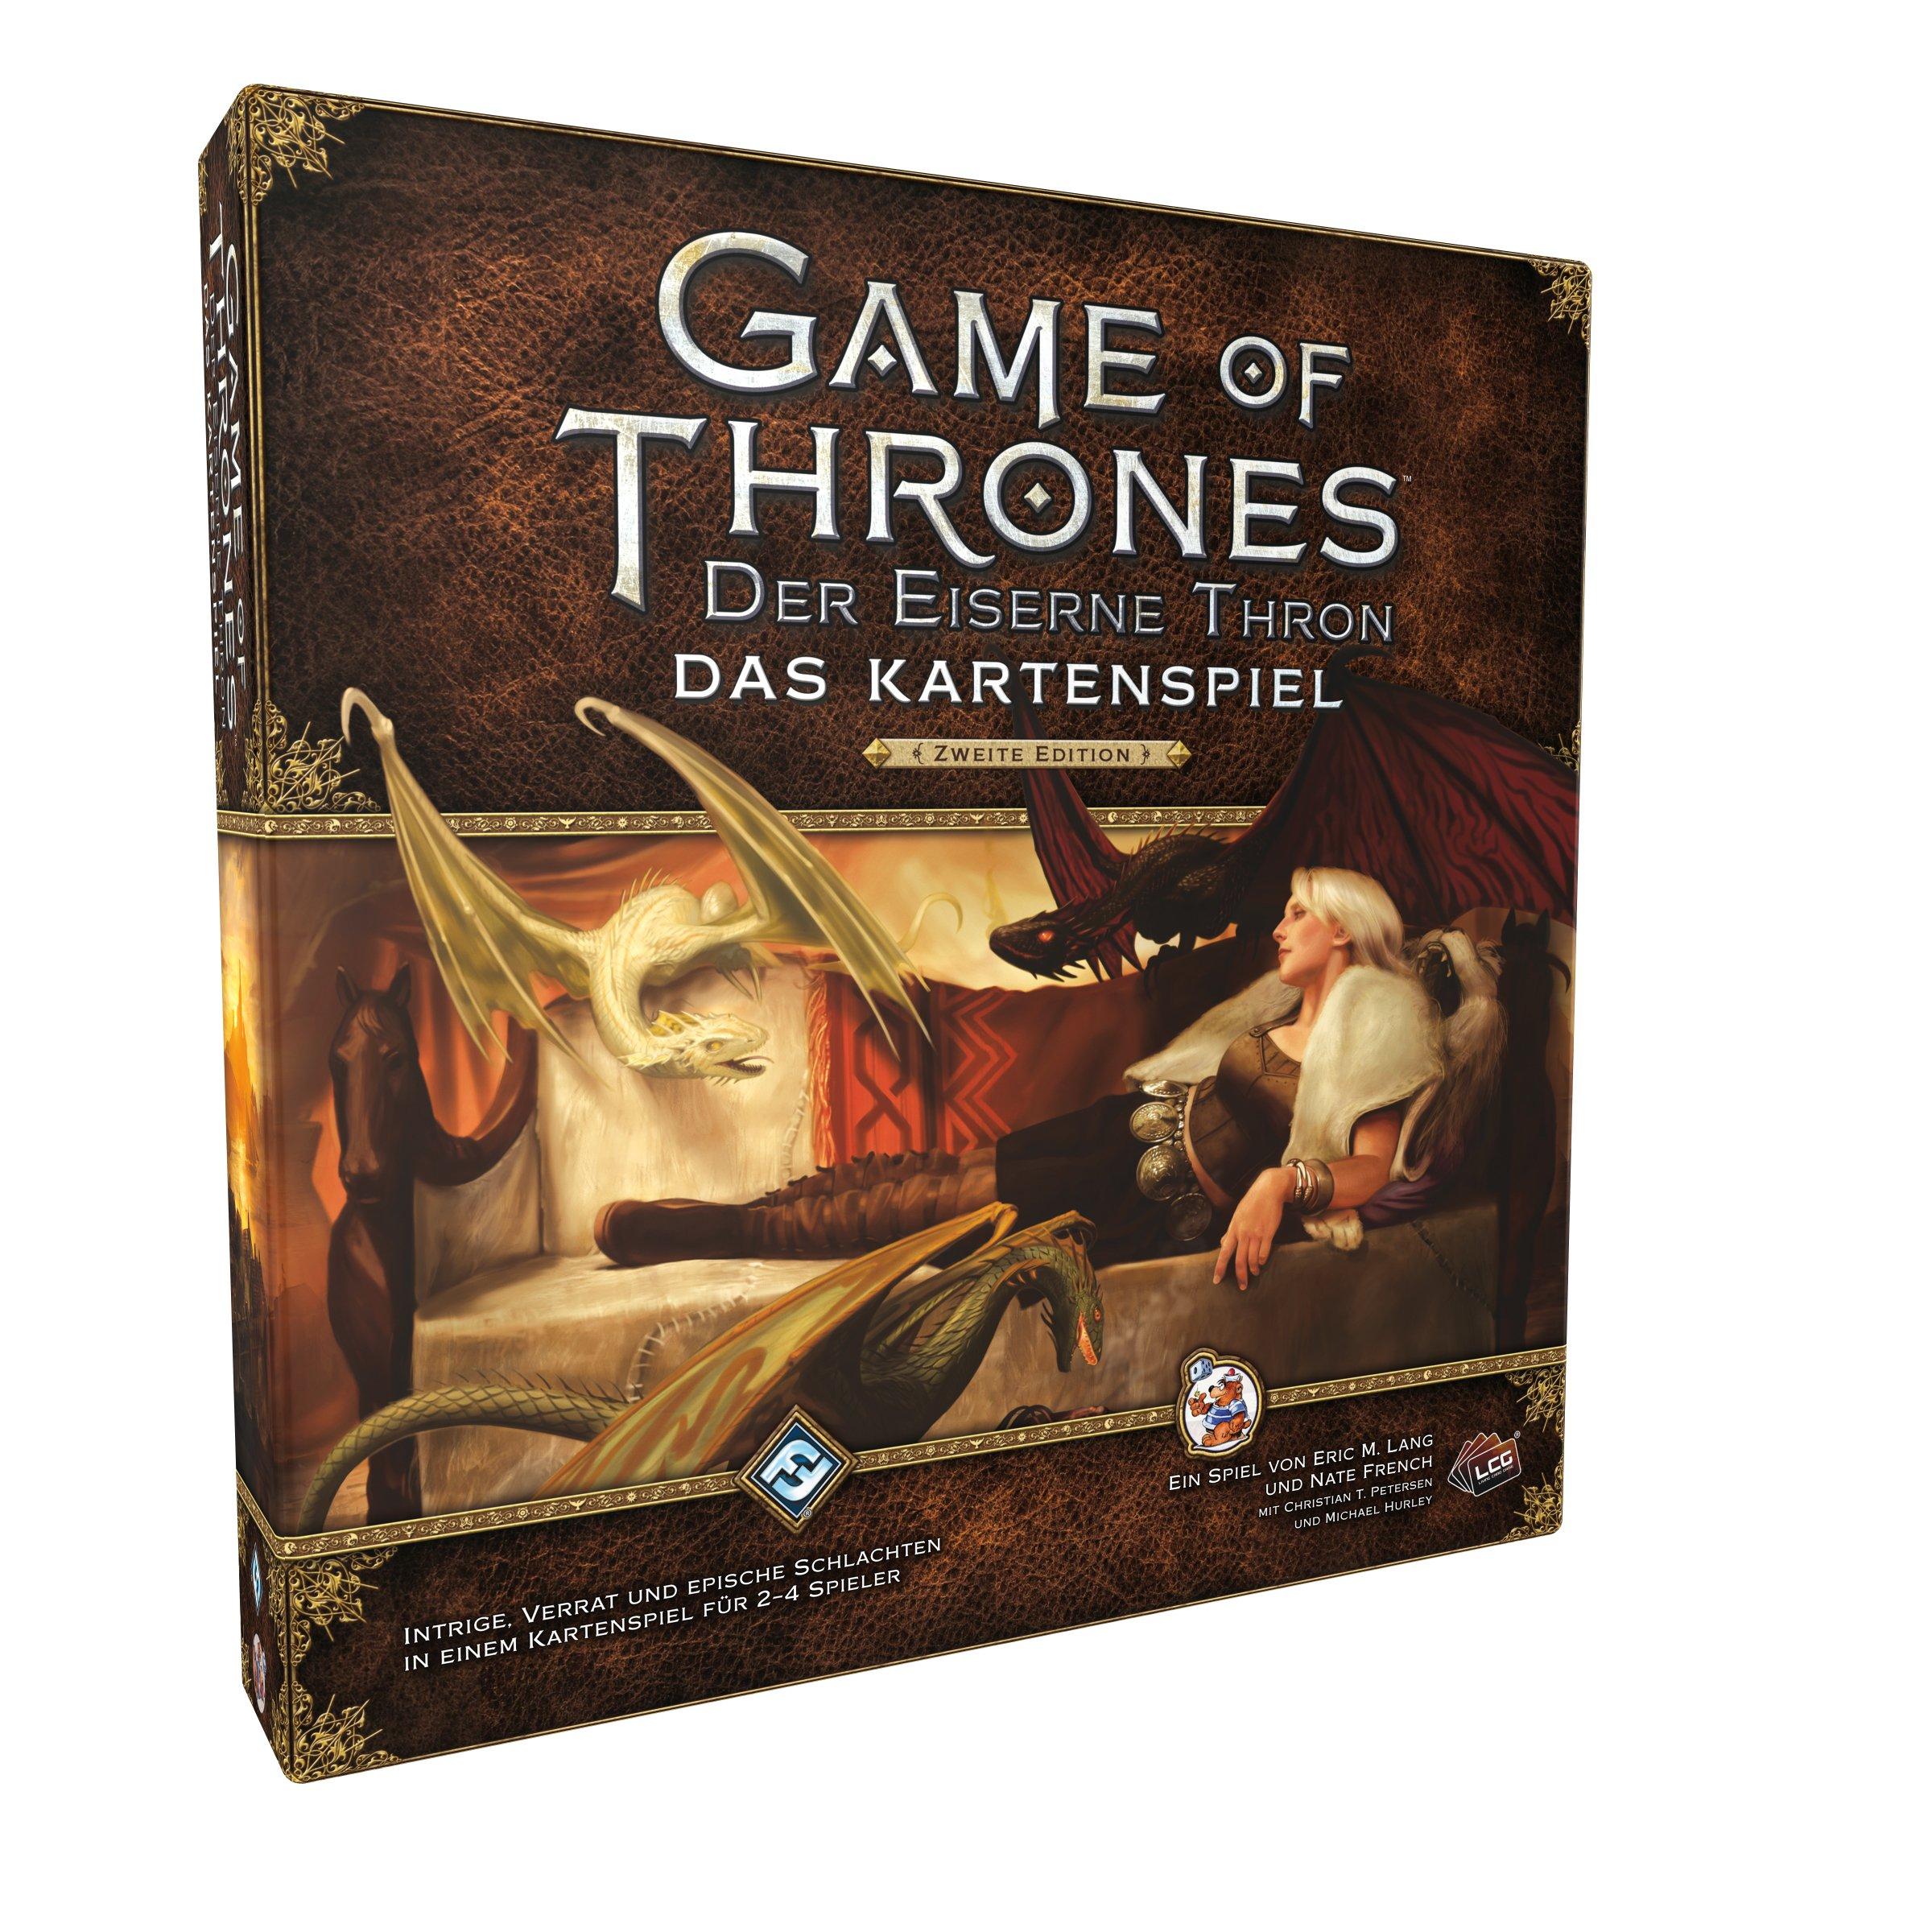 Heidelberger HEI0351 Game of Thrones Juego de Cartas: Trono de Hielo, Set básico, 2ª edición, en alemán -: Amazon.es: Juguetes y juegos